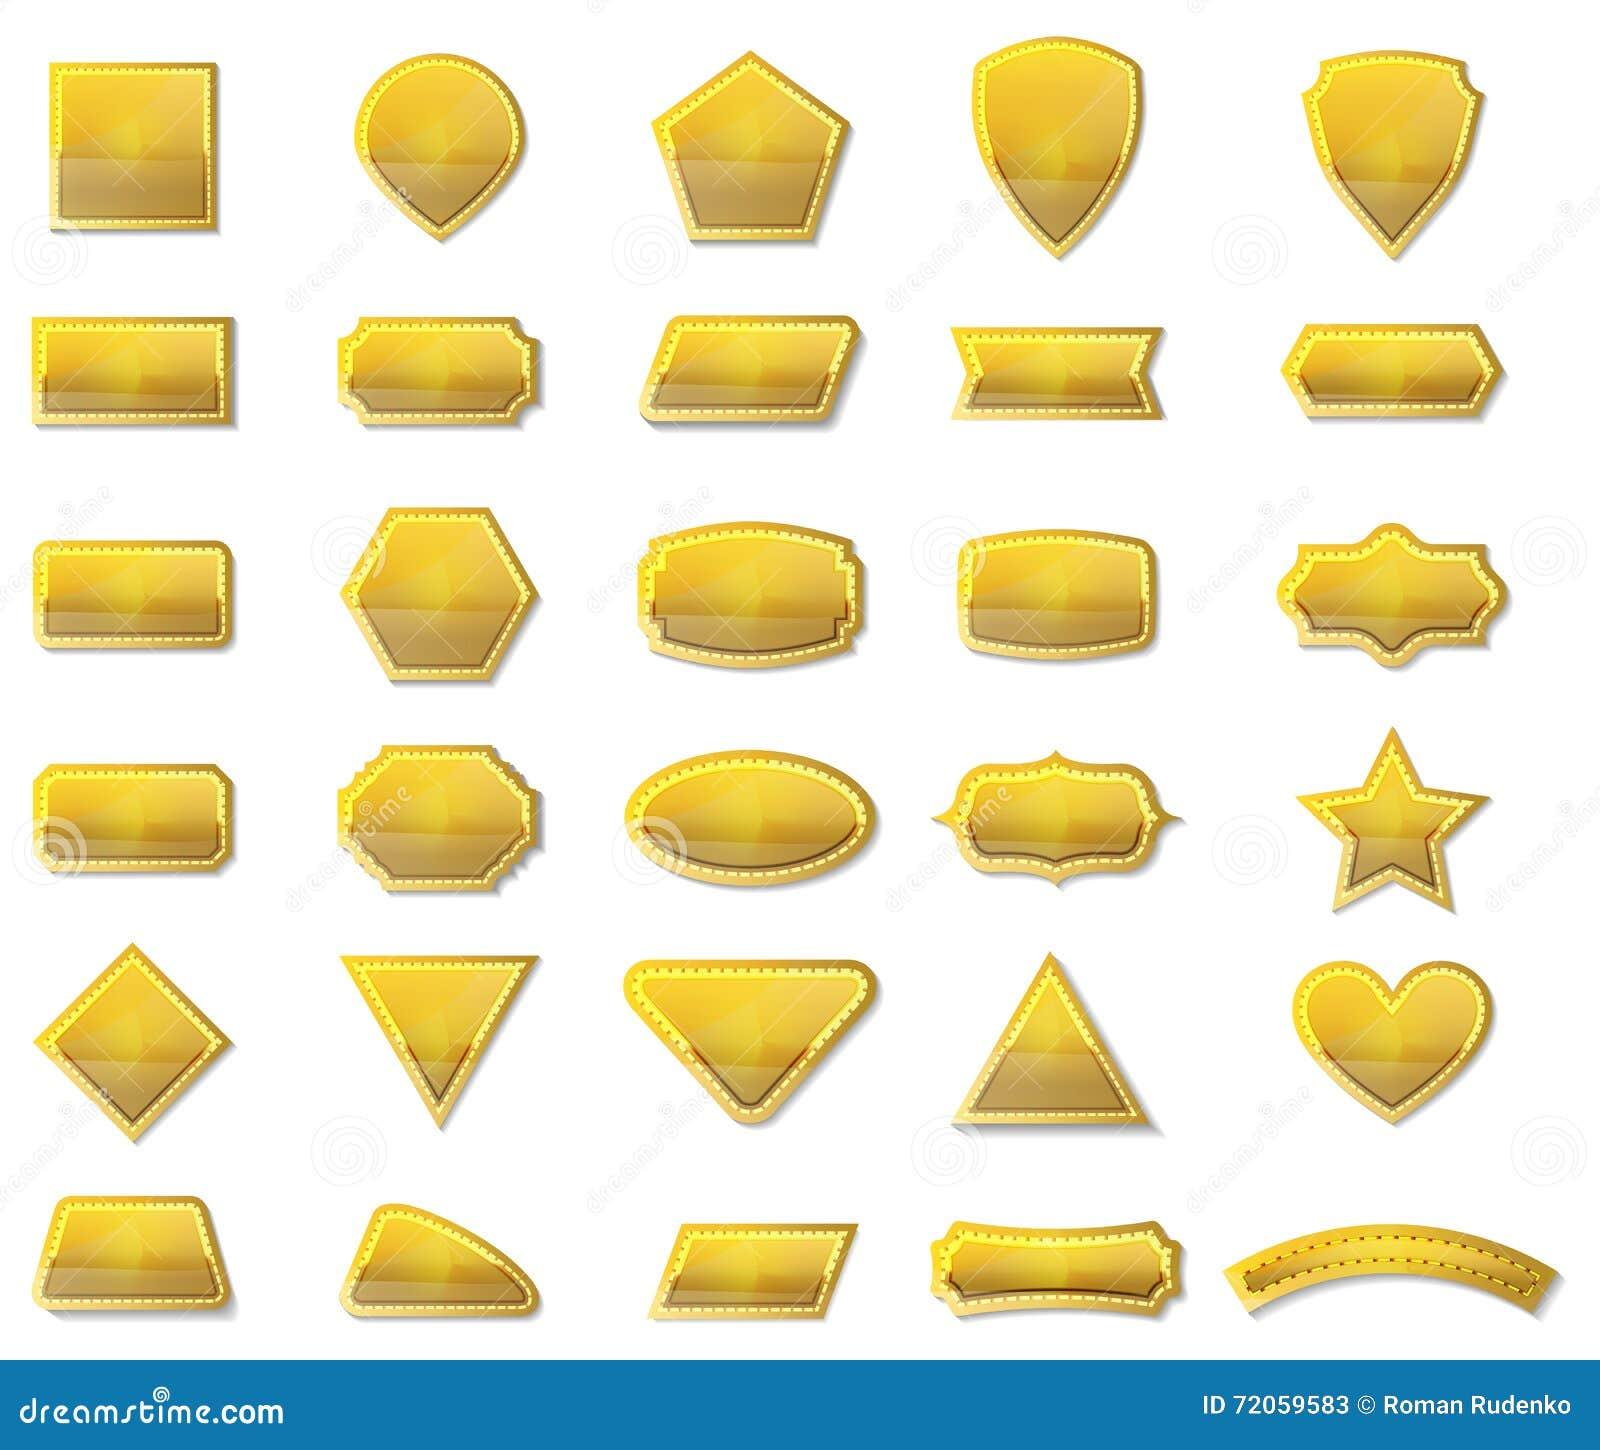 shape vector shapes label frame set illustration sticker